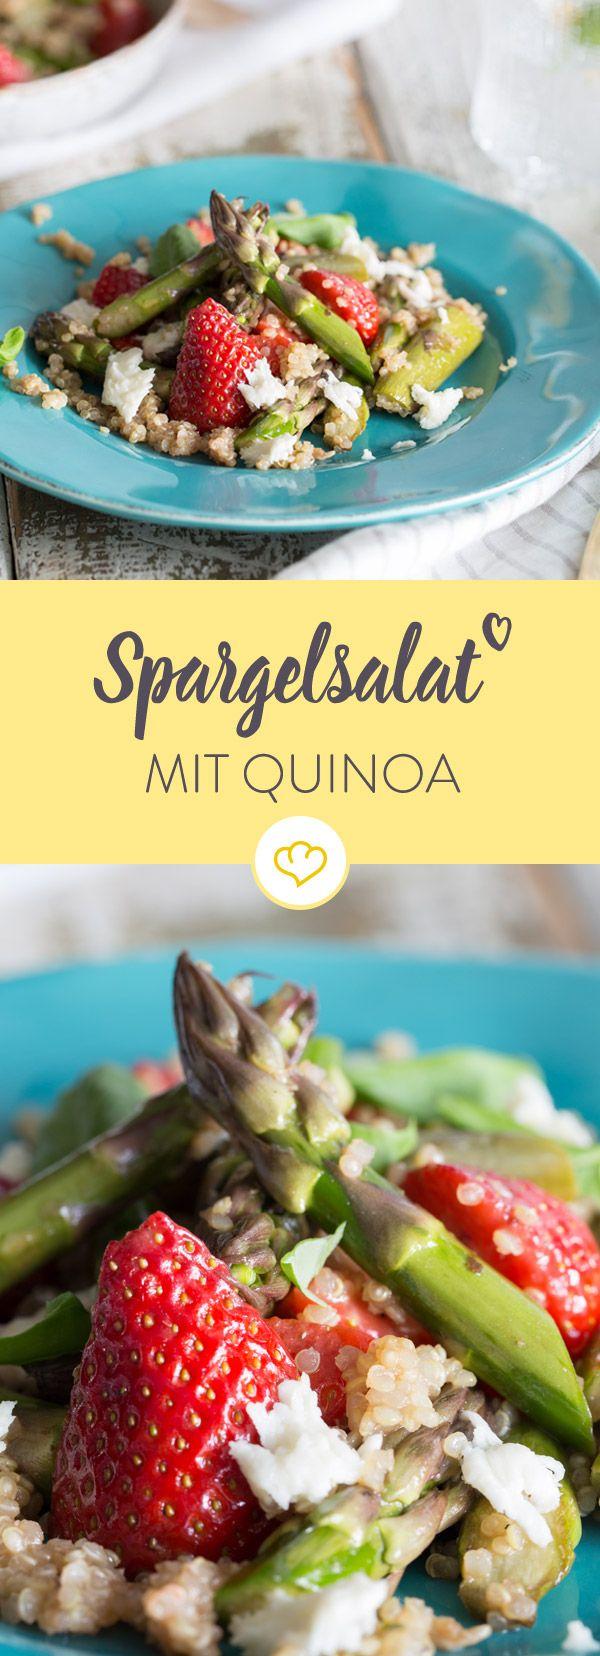 Wenn grüner Spargel, süße Erdbeeren, milder Mozzarella und gekochter Quinoa zusammen in der Schüssel landen, ist der Frühling in der Küche angekommen.